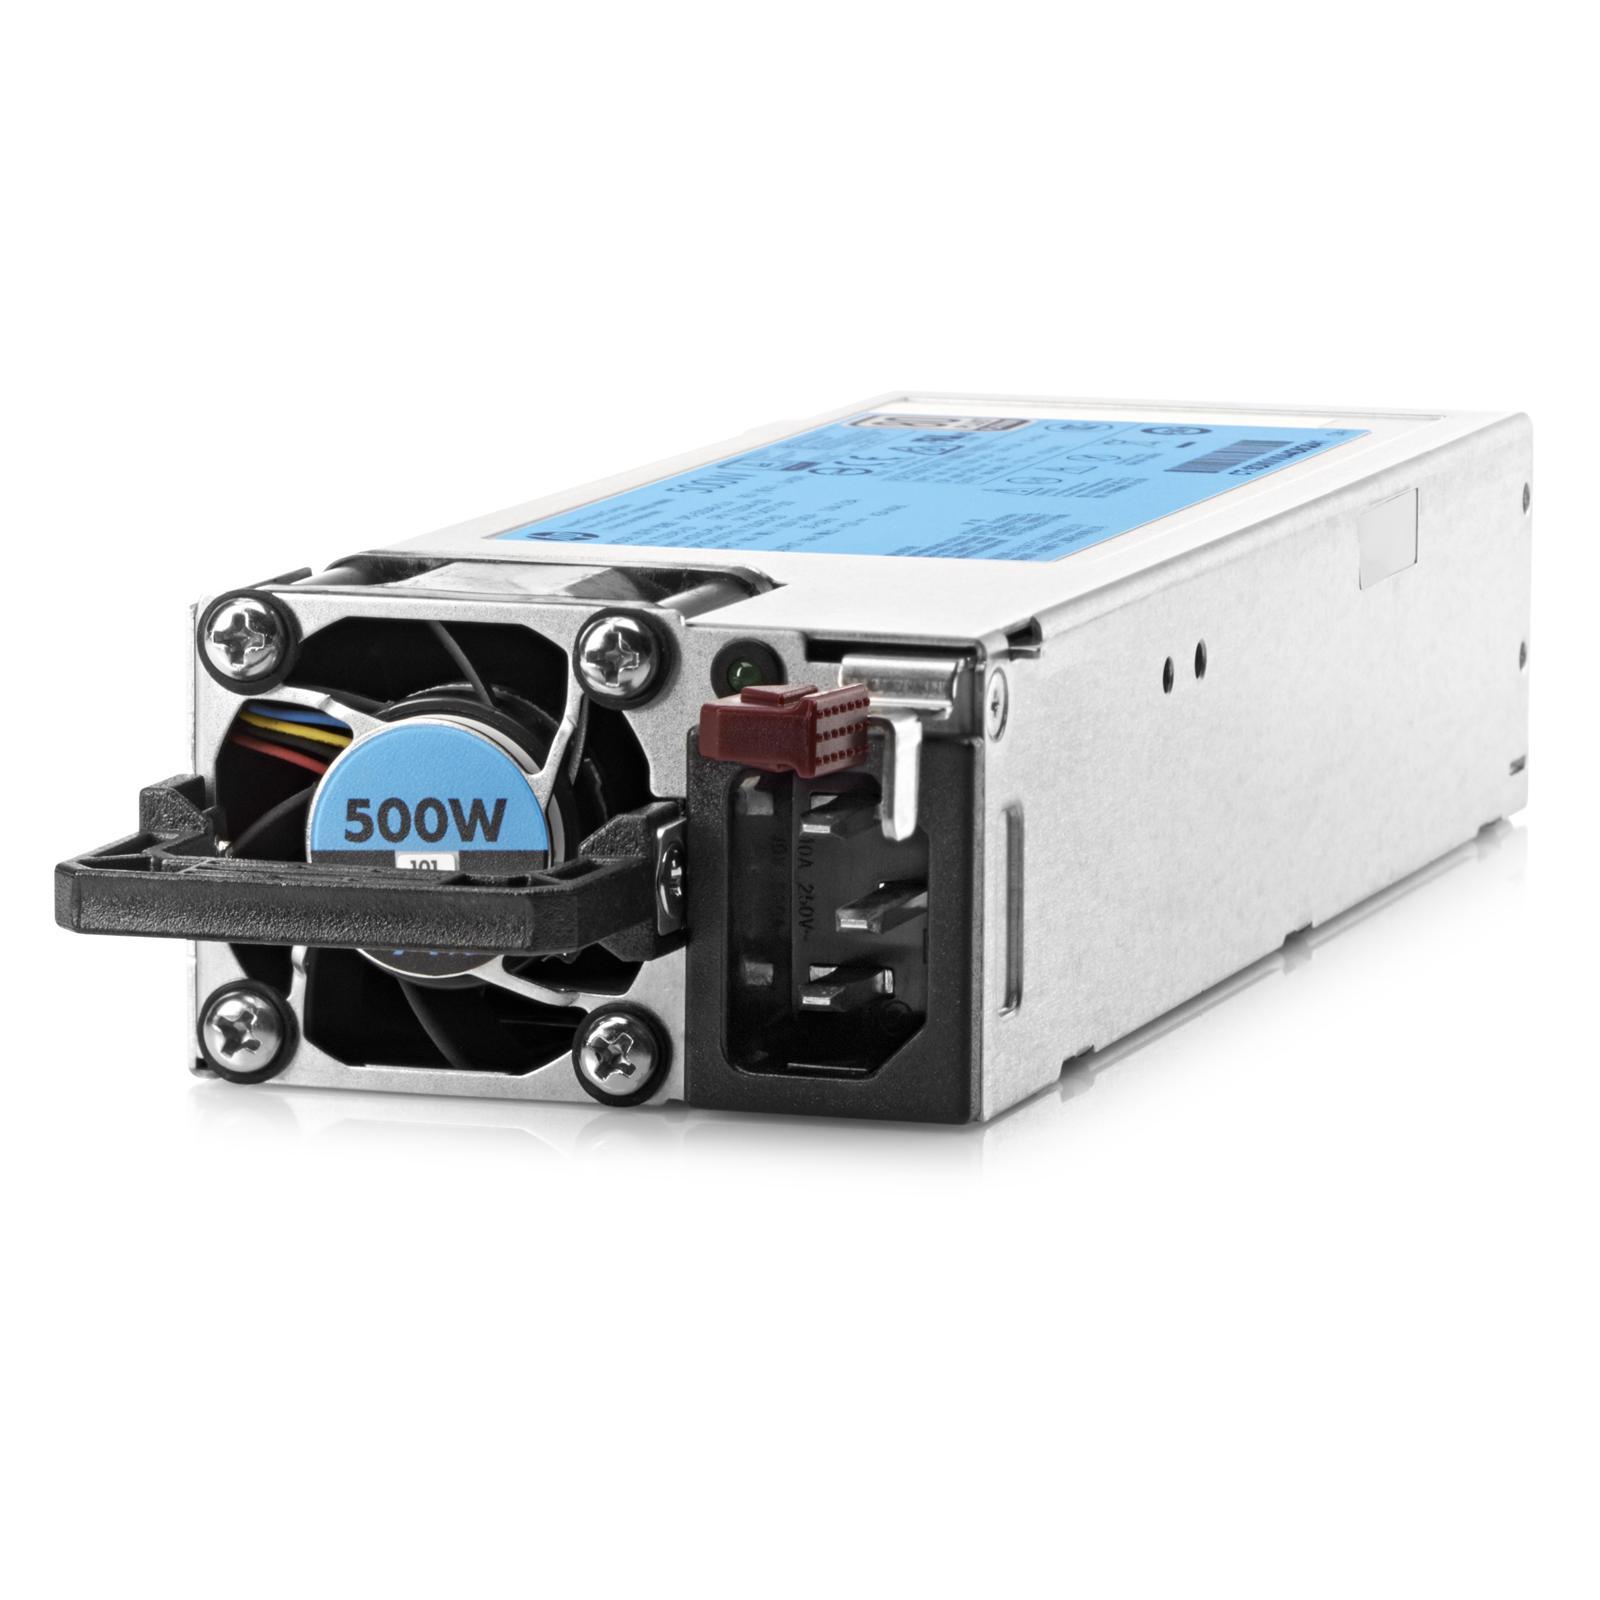 Hewlett packard flex slot power supplies